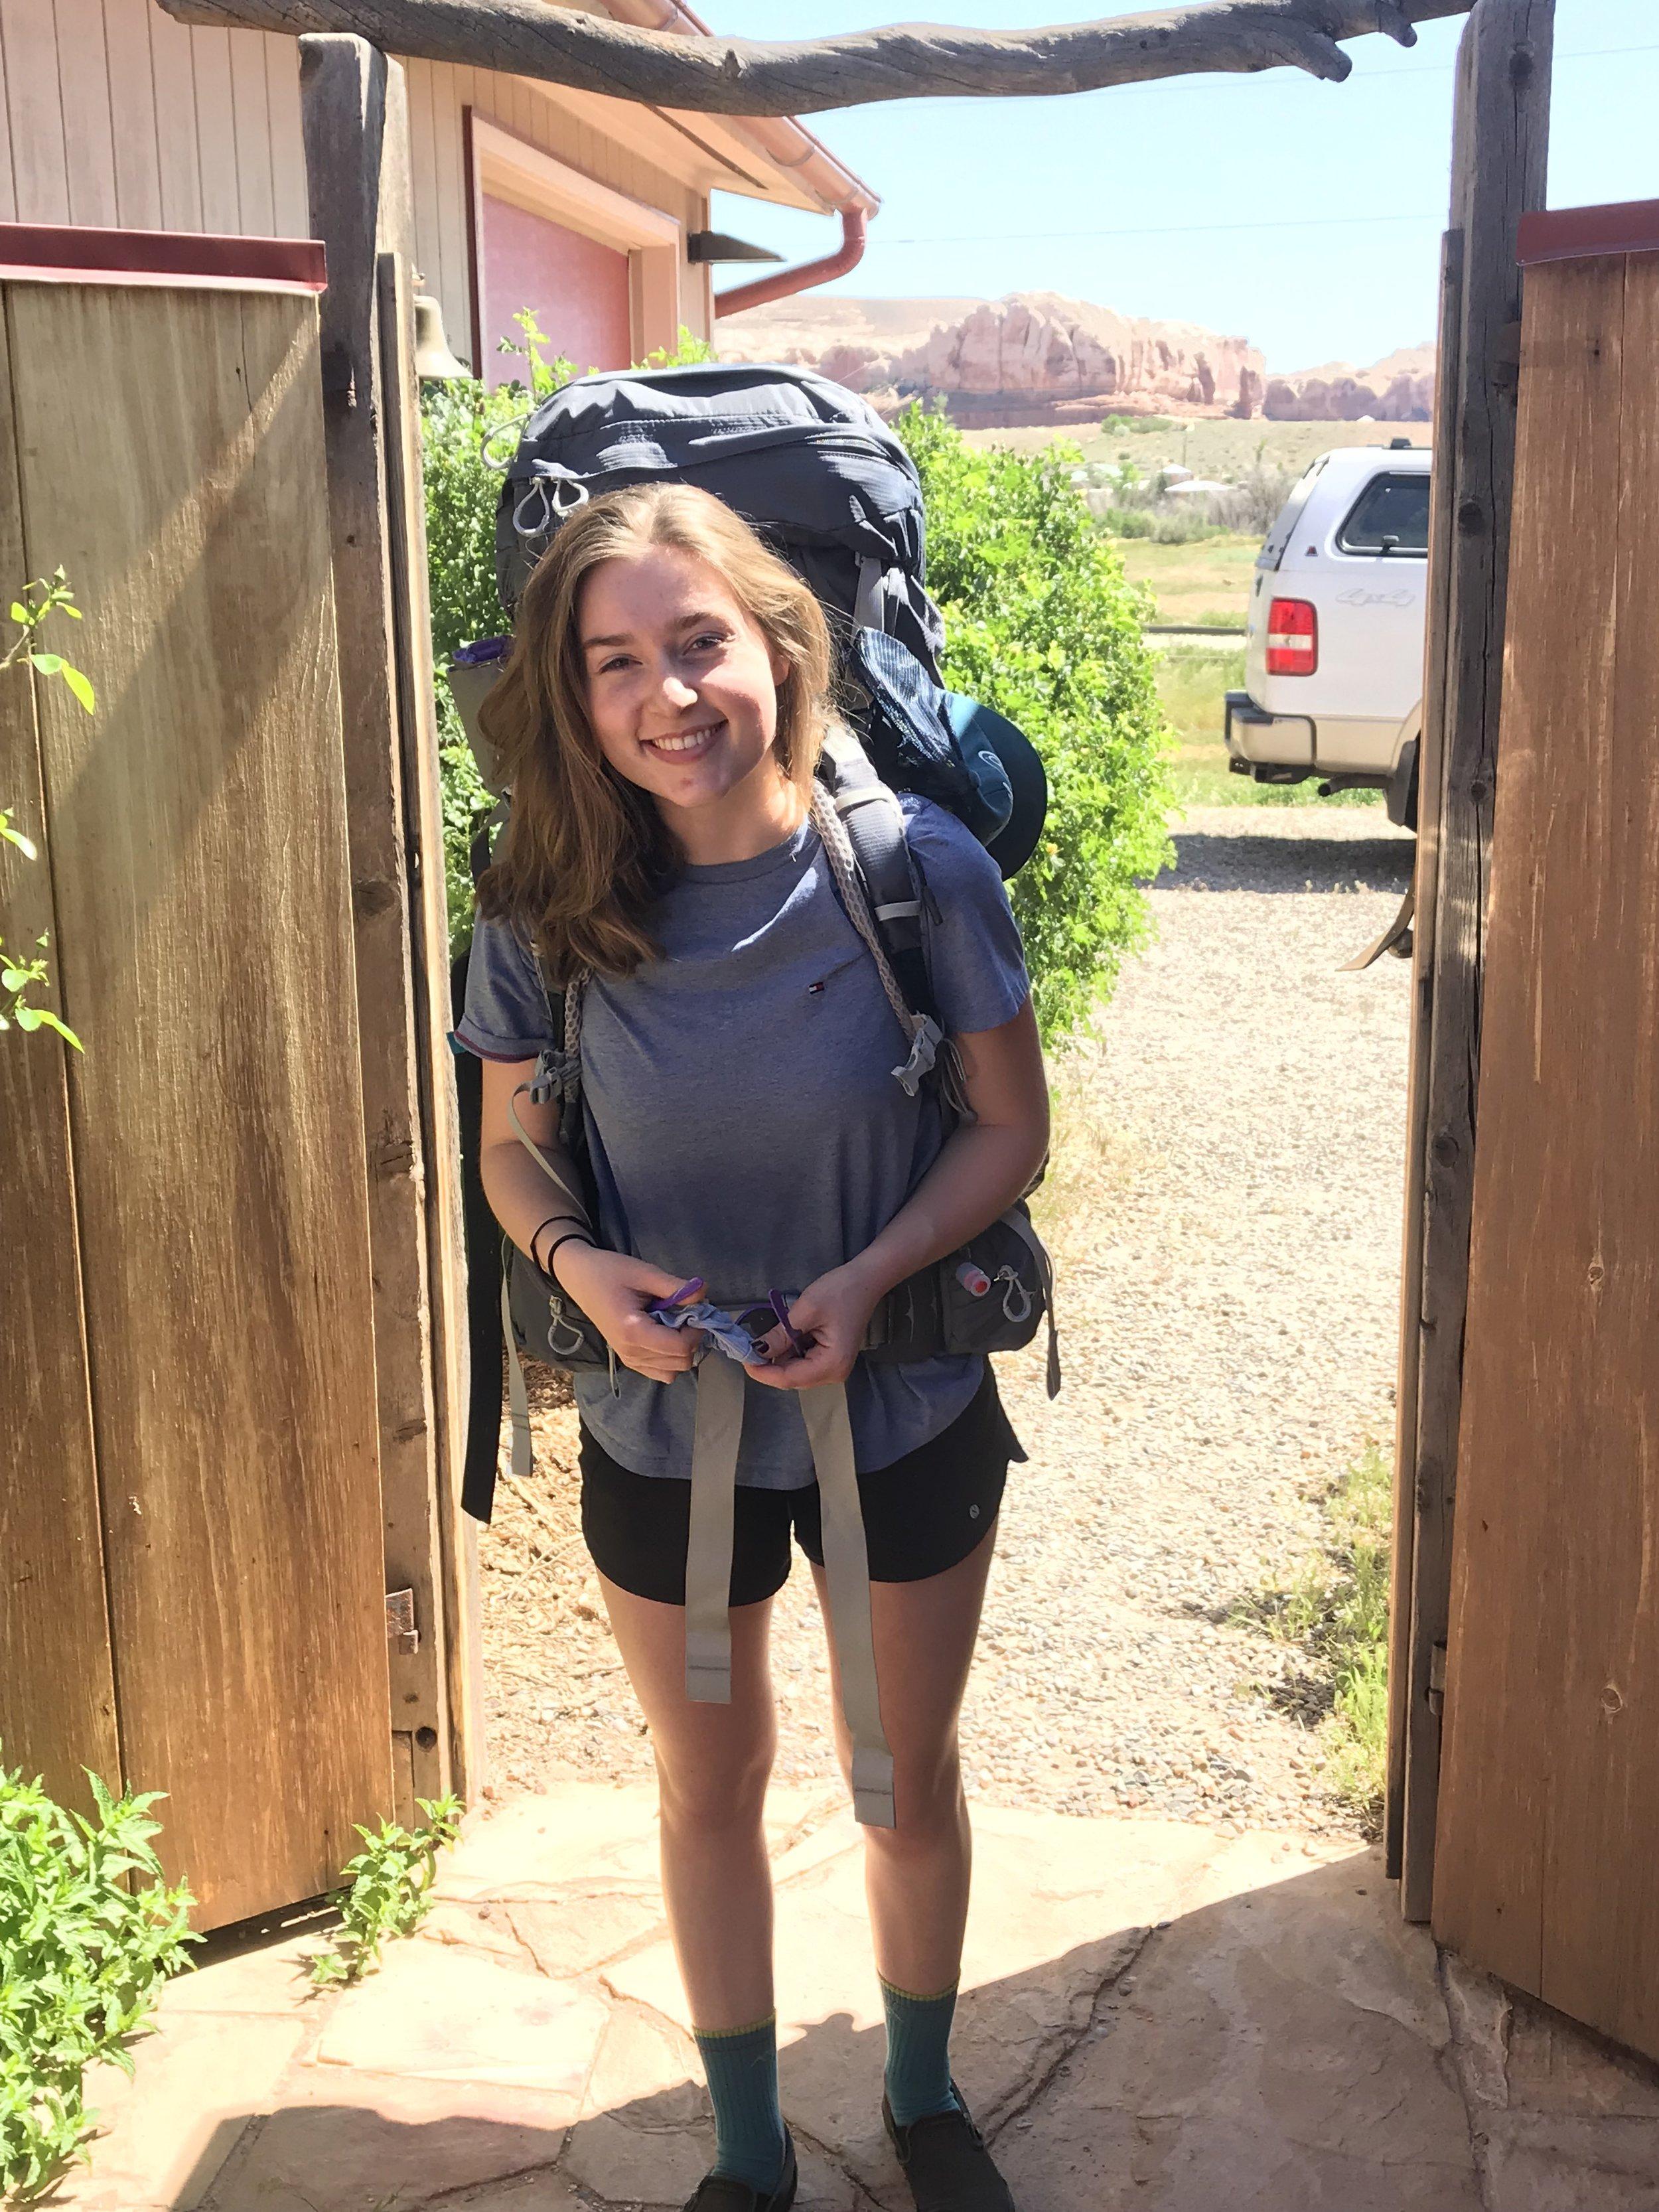 women in outdoor recreation